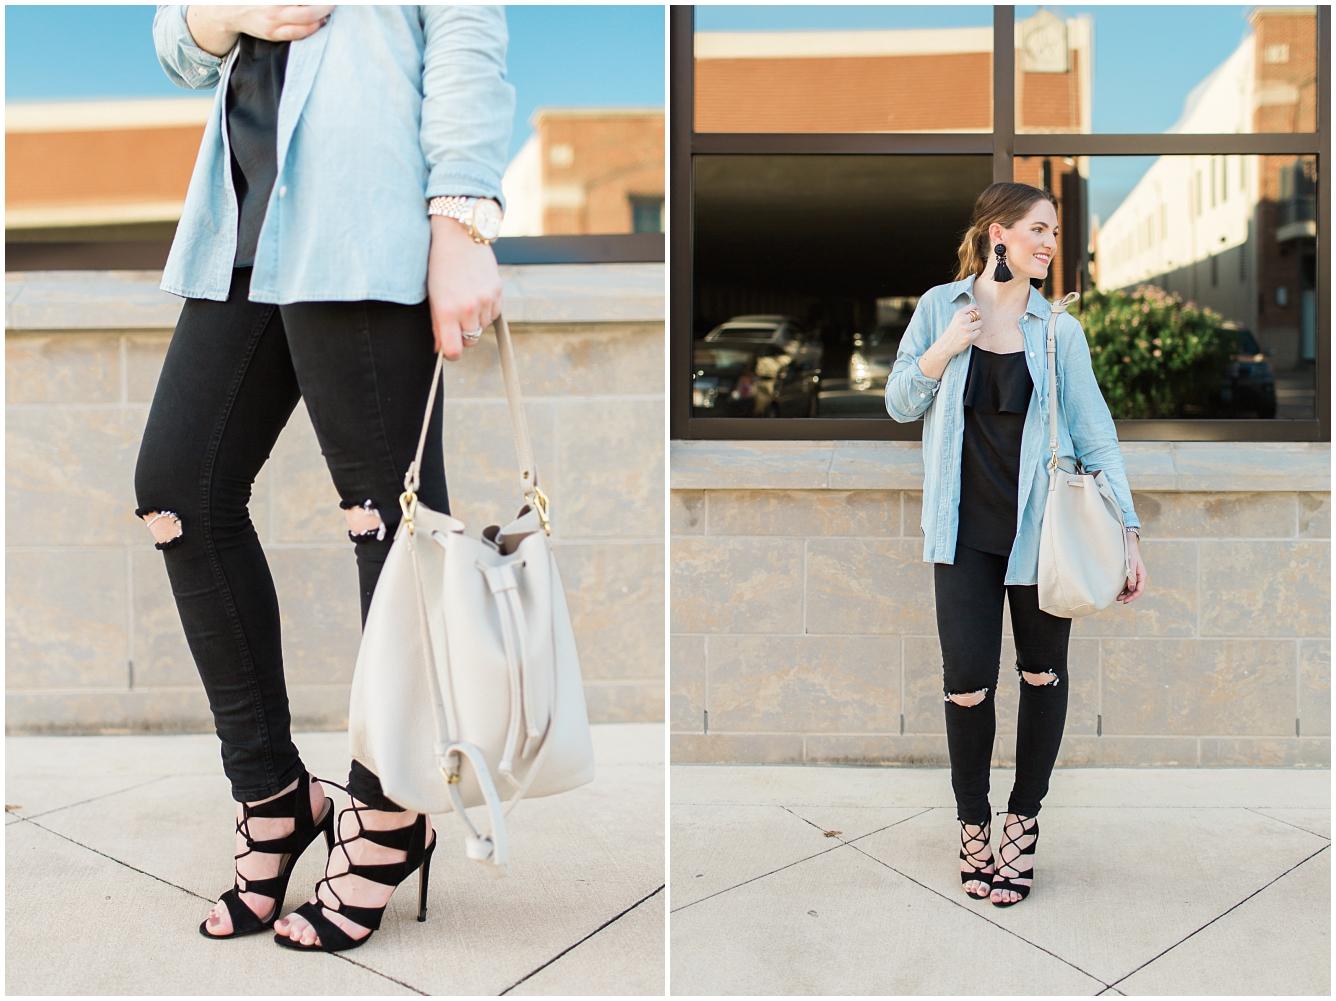 houston-tx-fashion-blogger-photographer-26